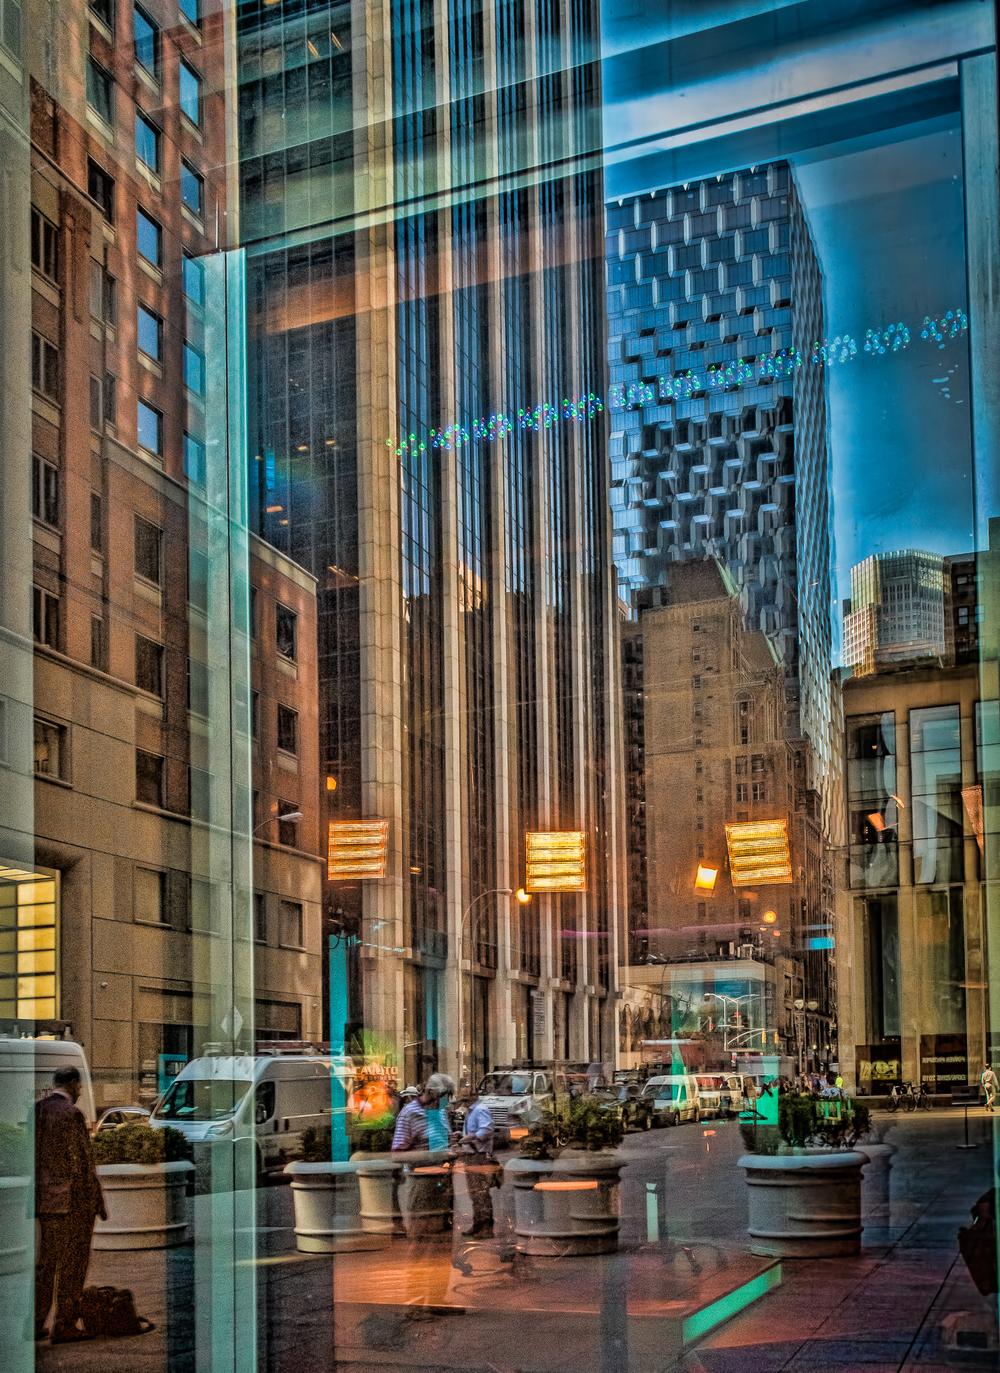 NYC-_HWF5754-Edit.jpg